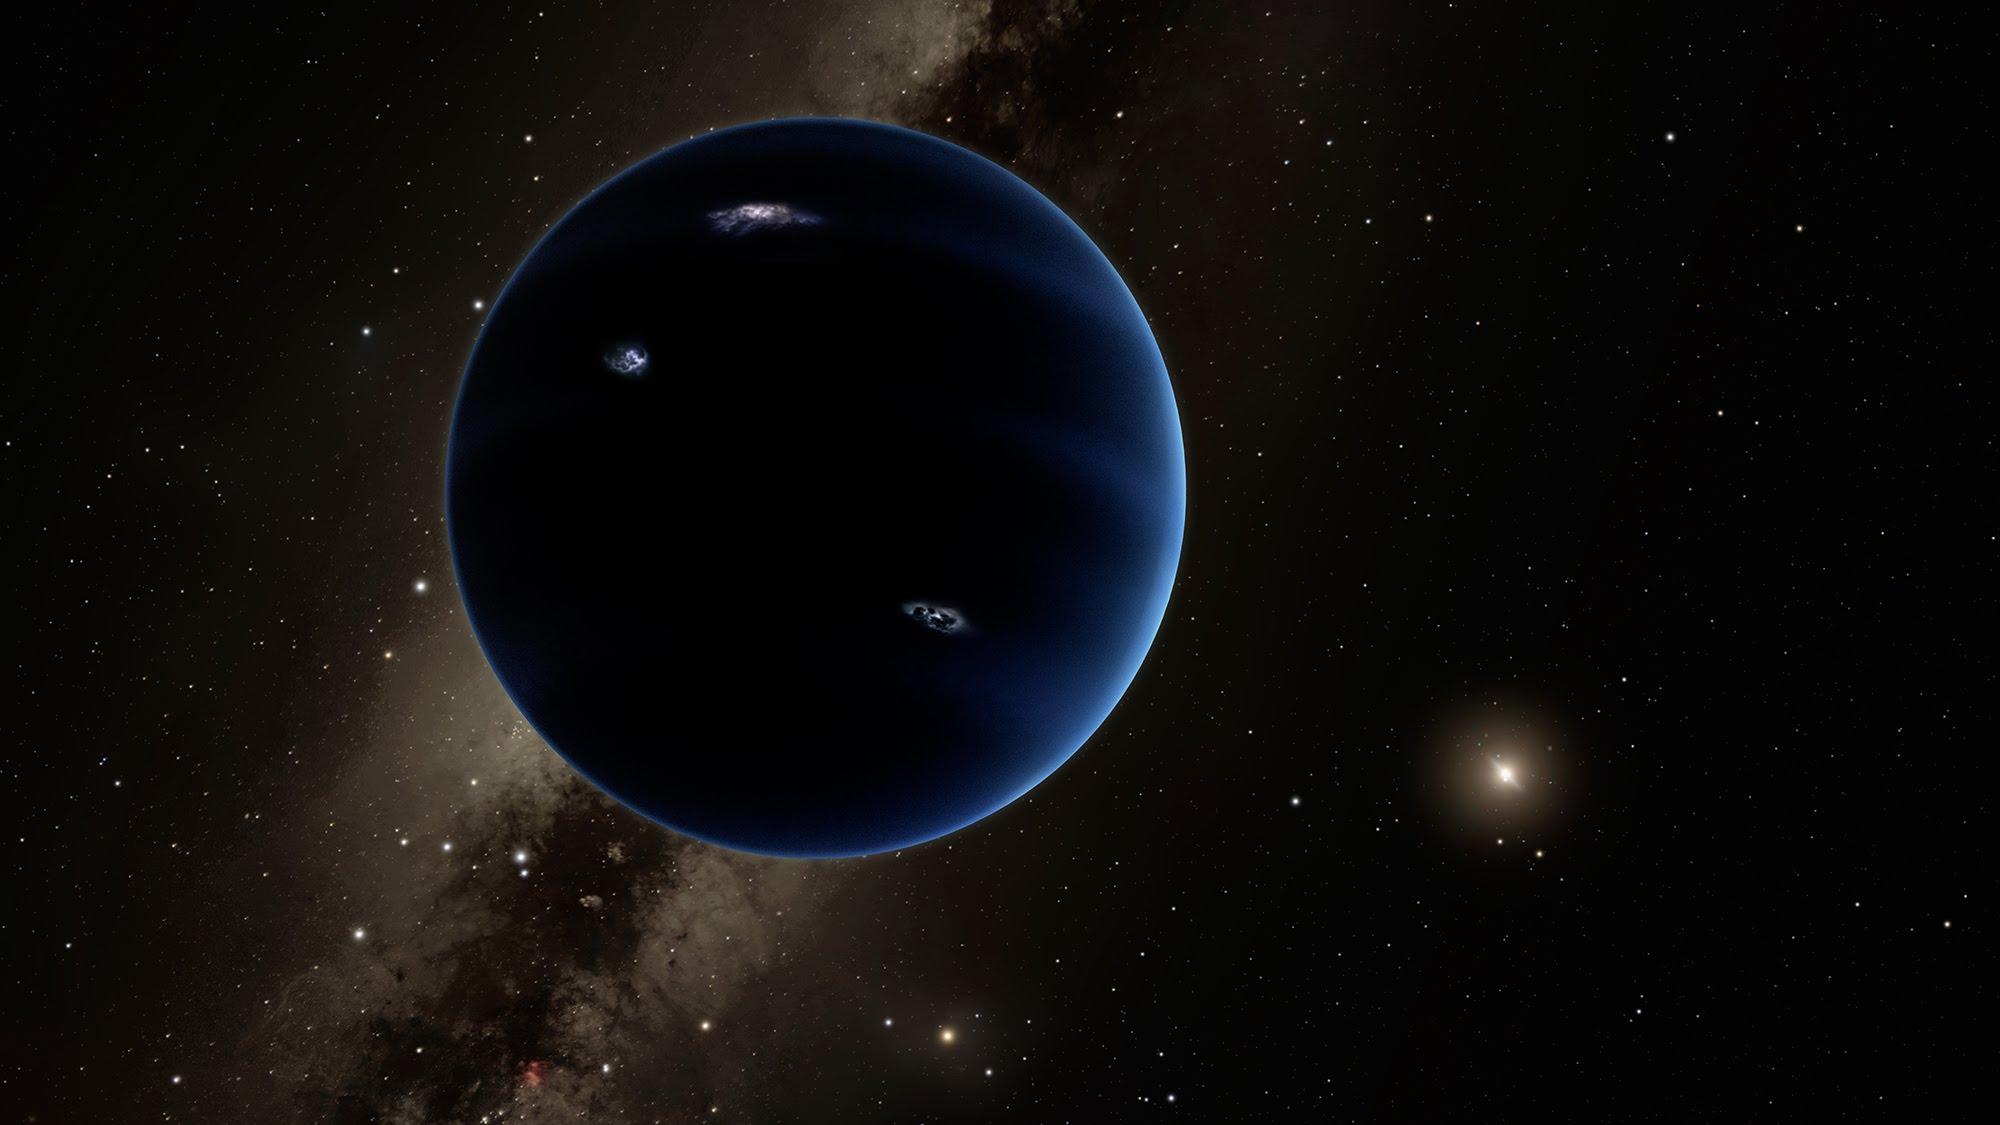 Möglicherweise gibt es einen neunen Planeten in unserem Sonnensystem, der nicht Pluto ist